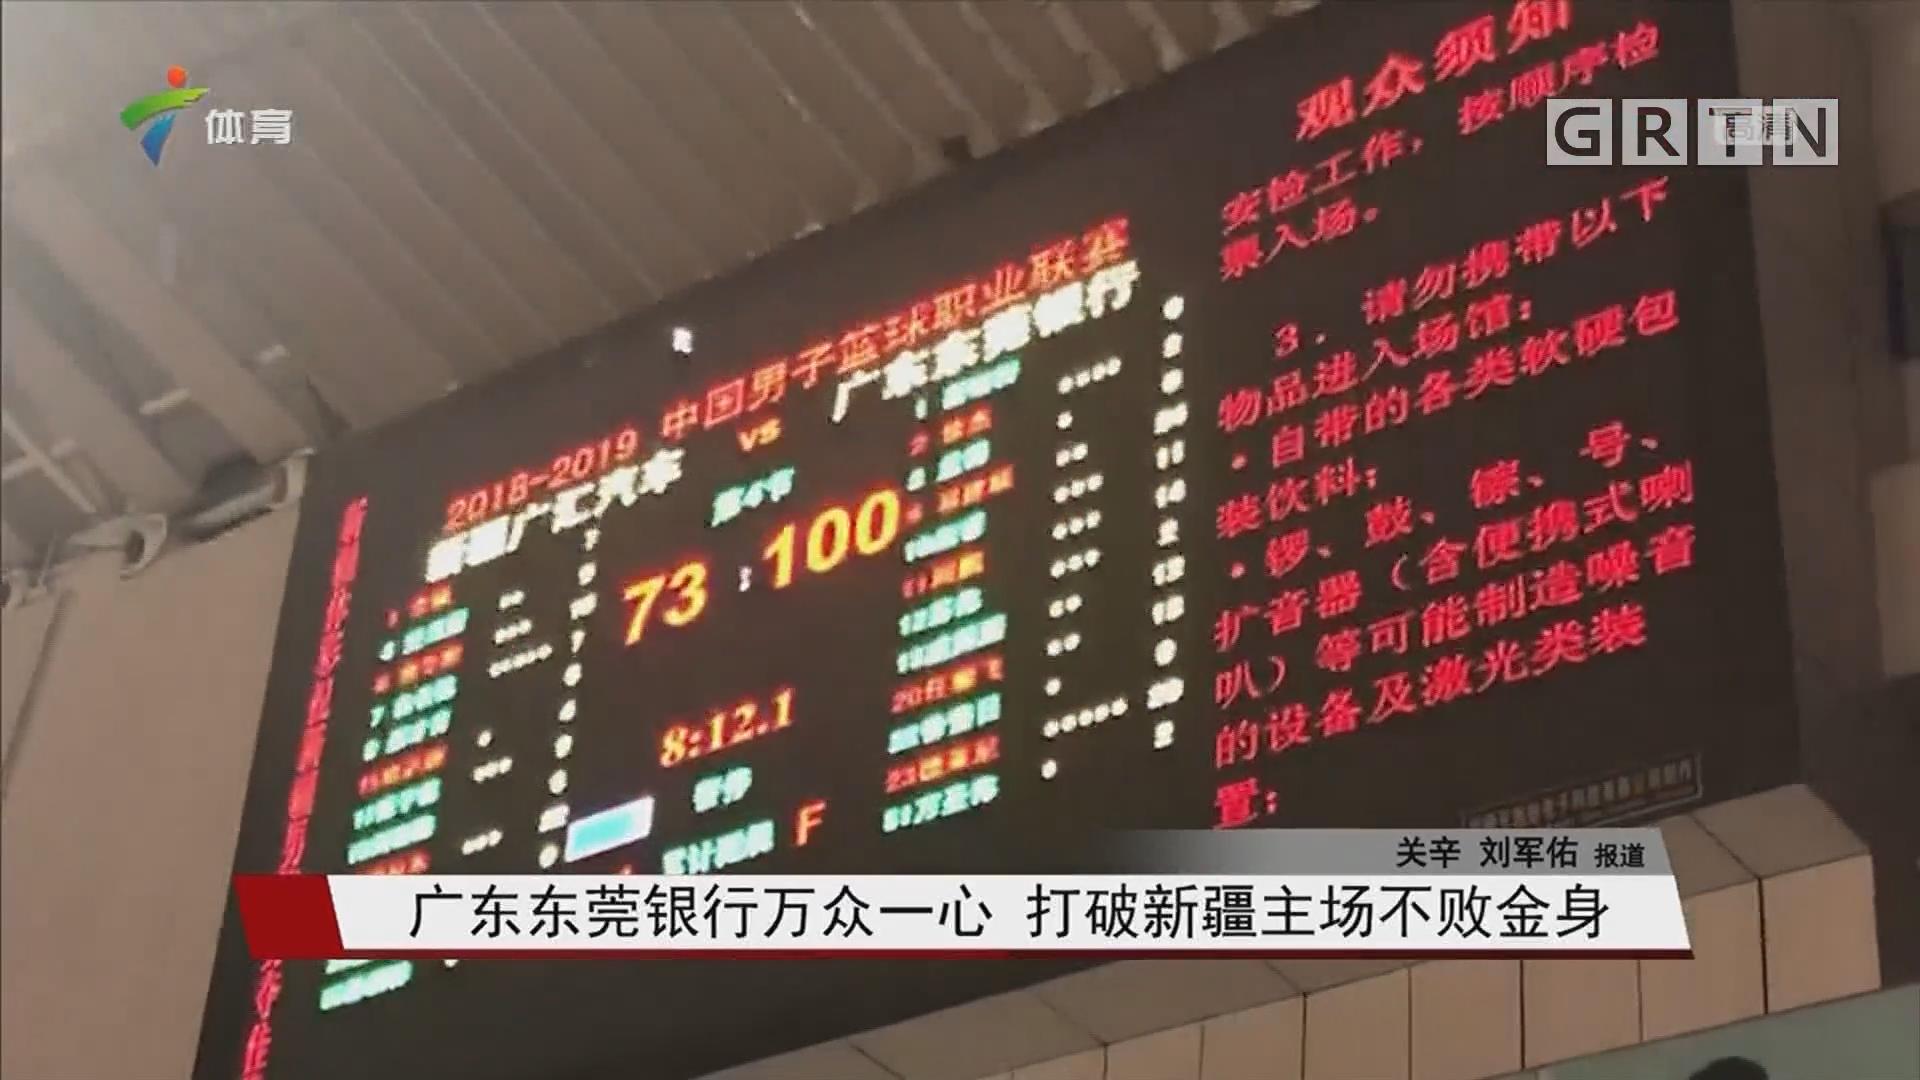 广东东莞银行万众一心 打破新疆主场不败金身